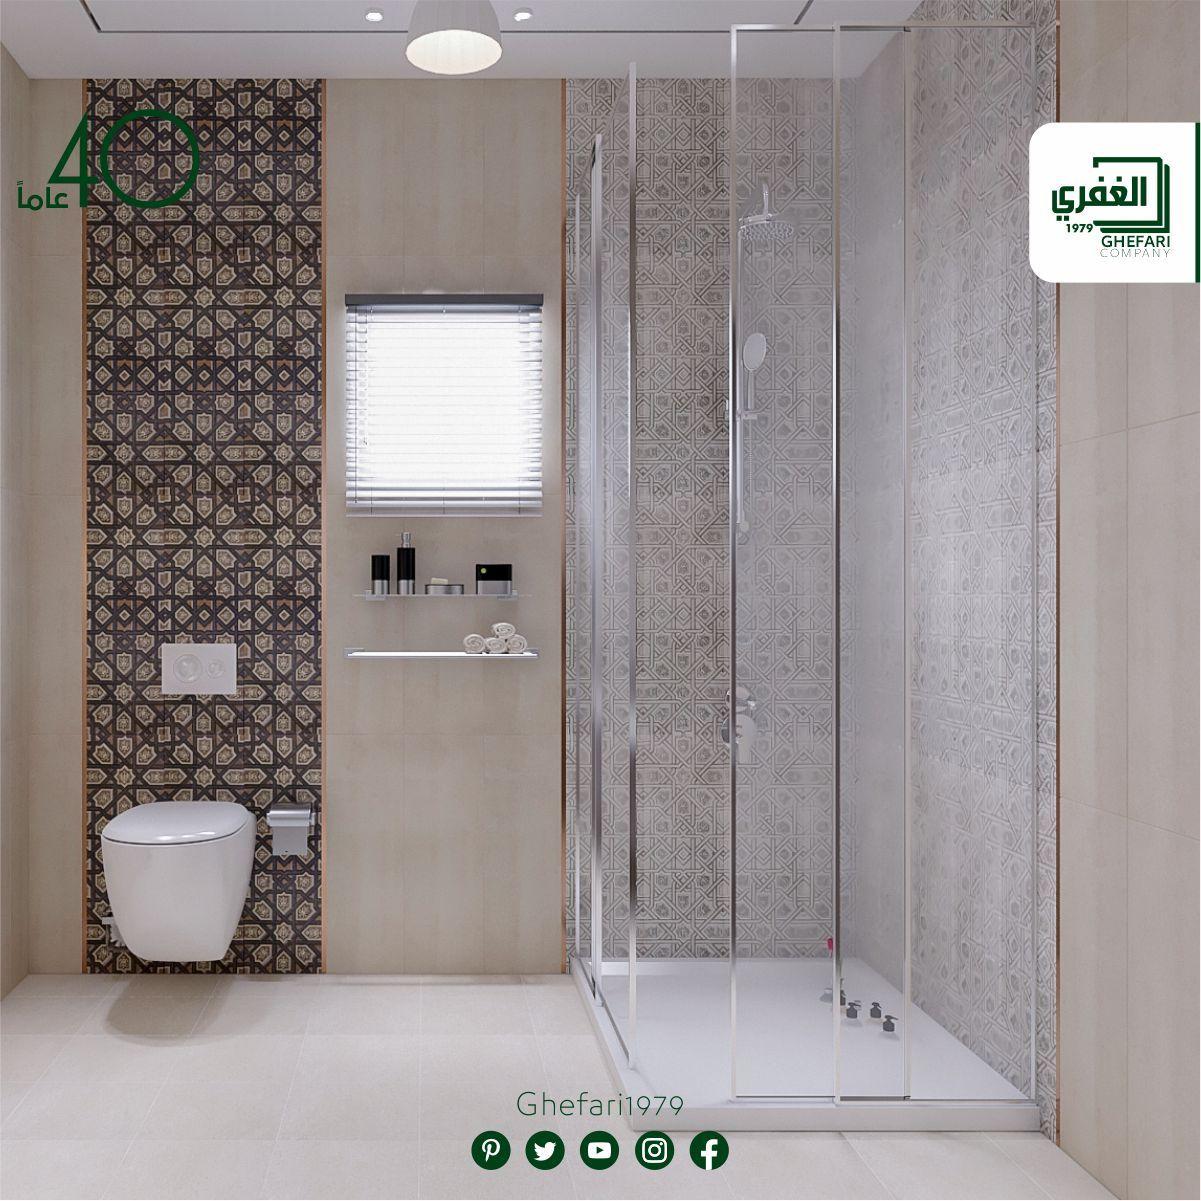 ديكور اندلسي للاستخدام داخل الحمامات المطابخ اماكن اخرى للمزيد زورونا على موقع الشركة Https Www Ghefari Com Ar Alhambra وا Bathtub Bathroom Plan De Travail